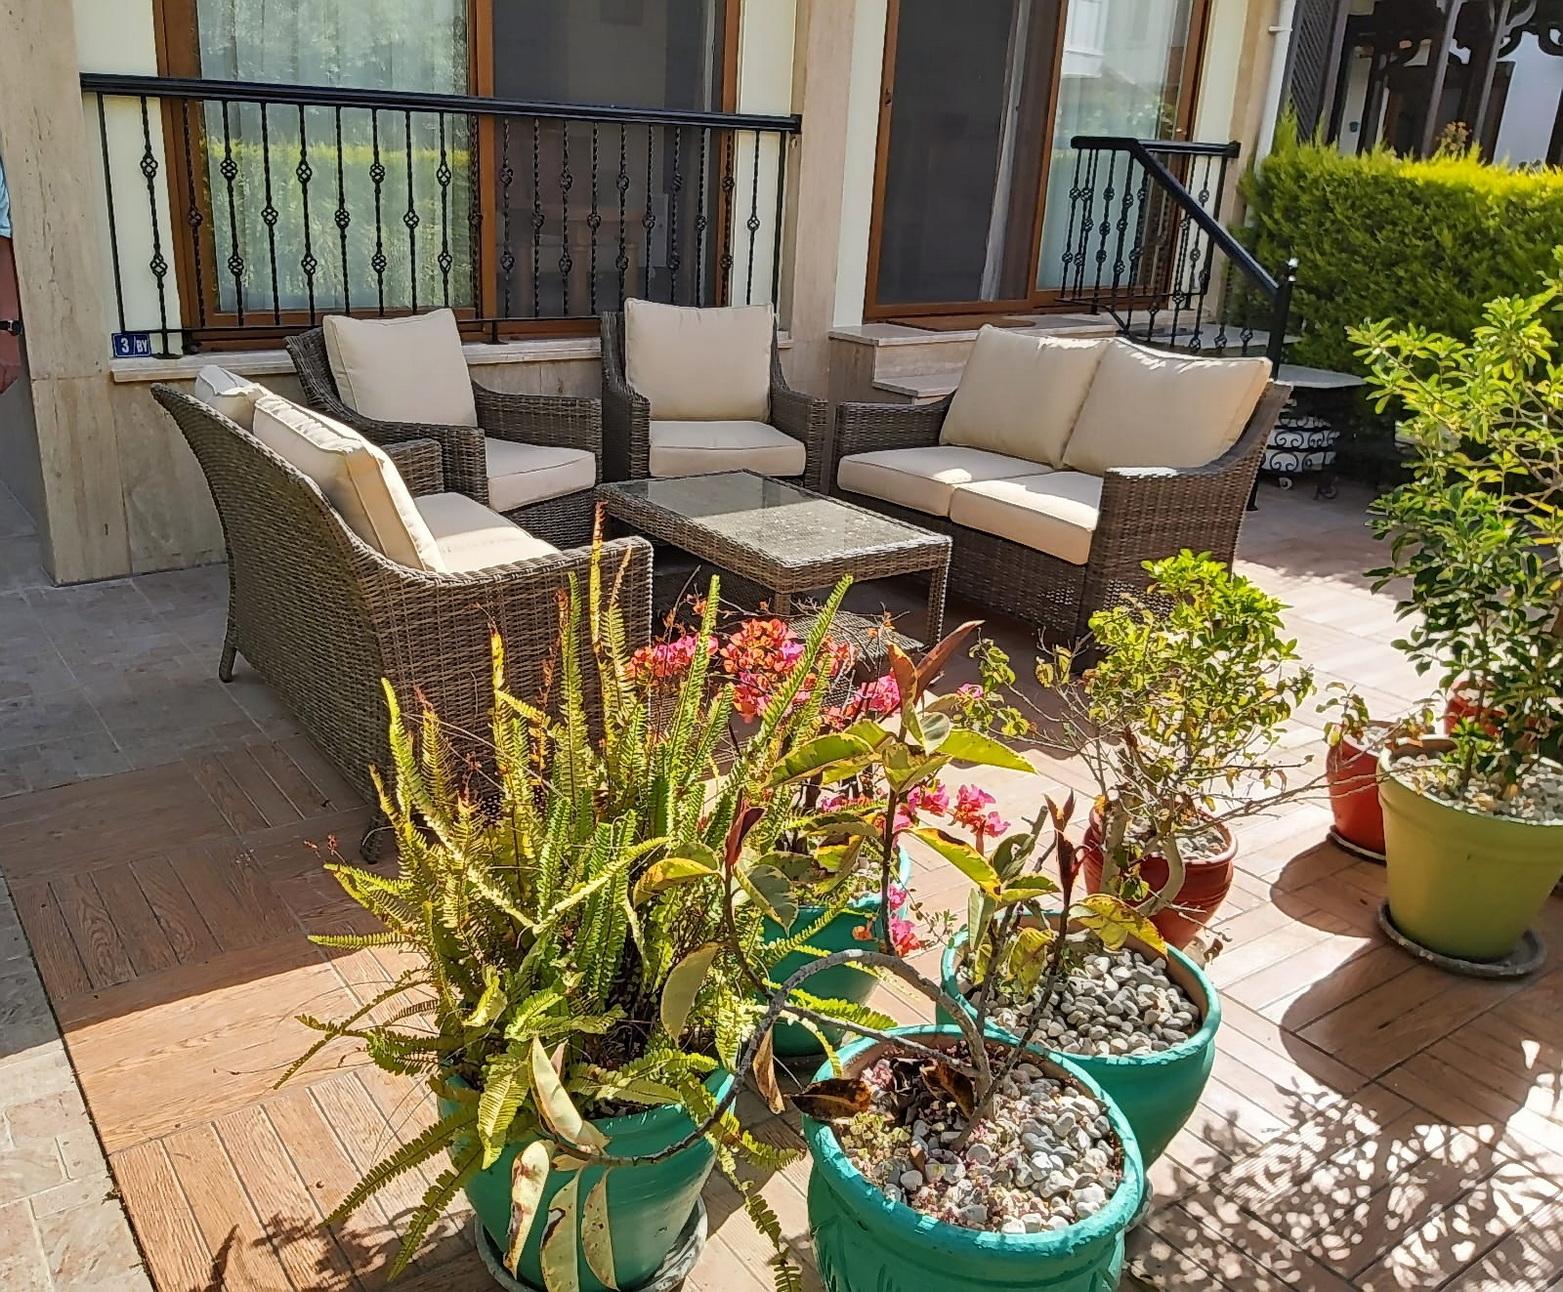 3 Bedroom Semi Detached Triplex Villa for Sale in Koca Calis